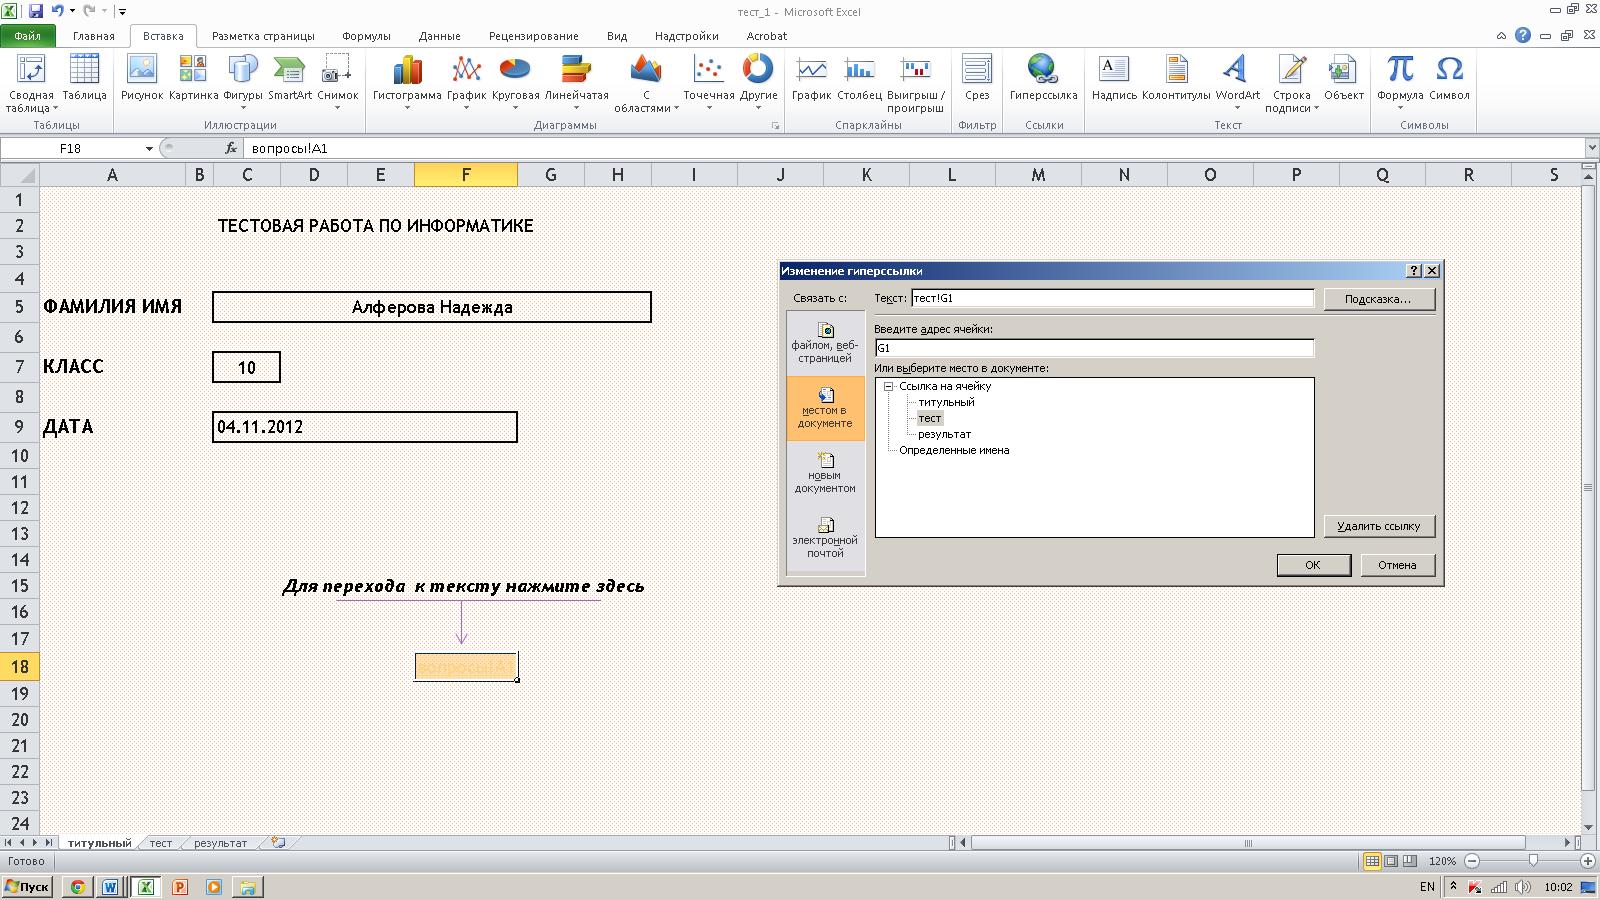 Как сделать ссылку в одном документе